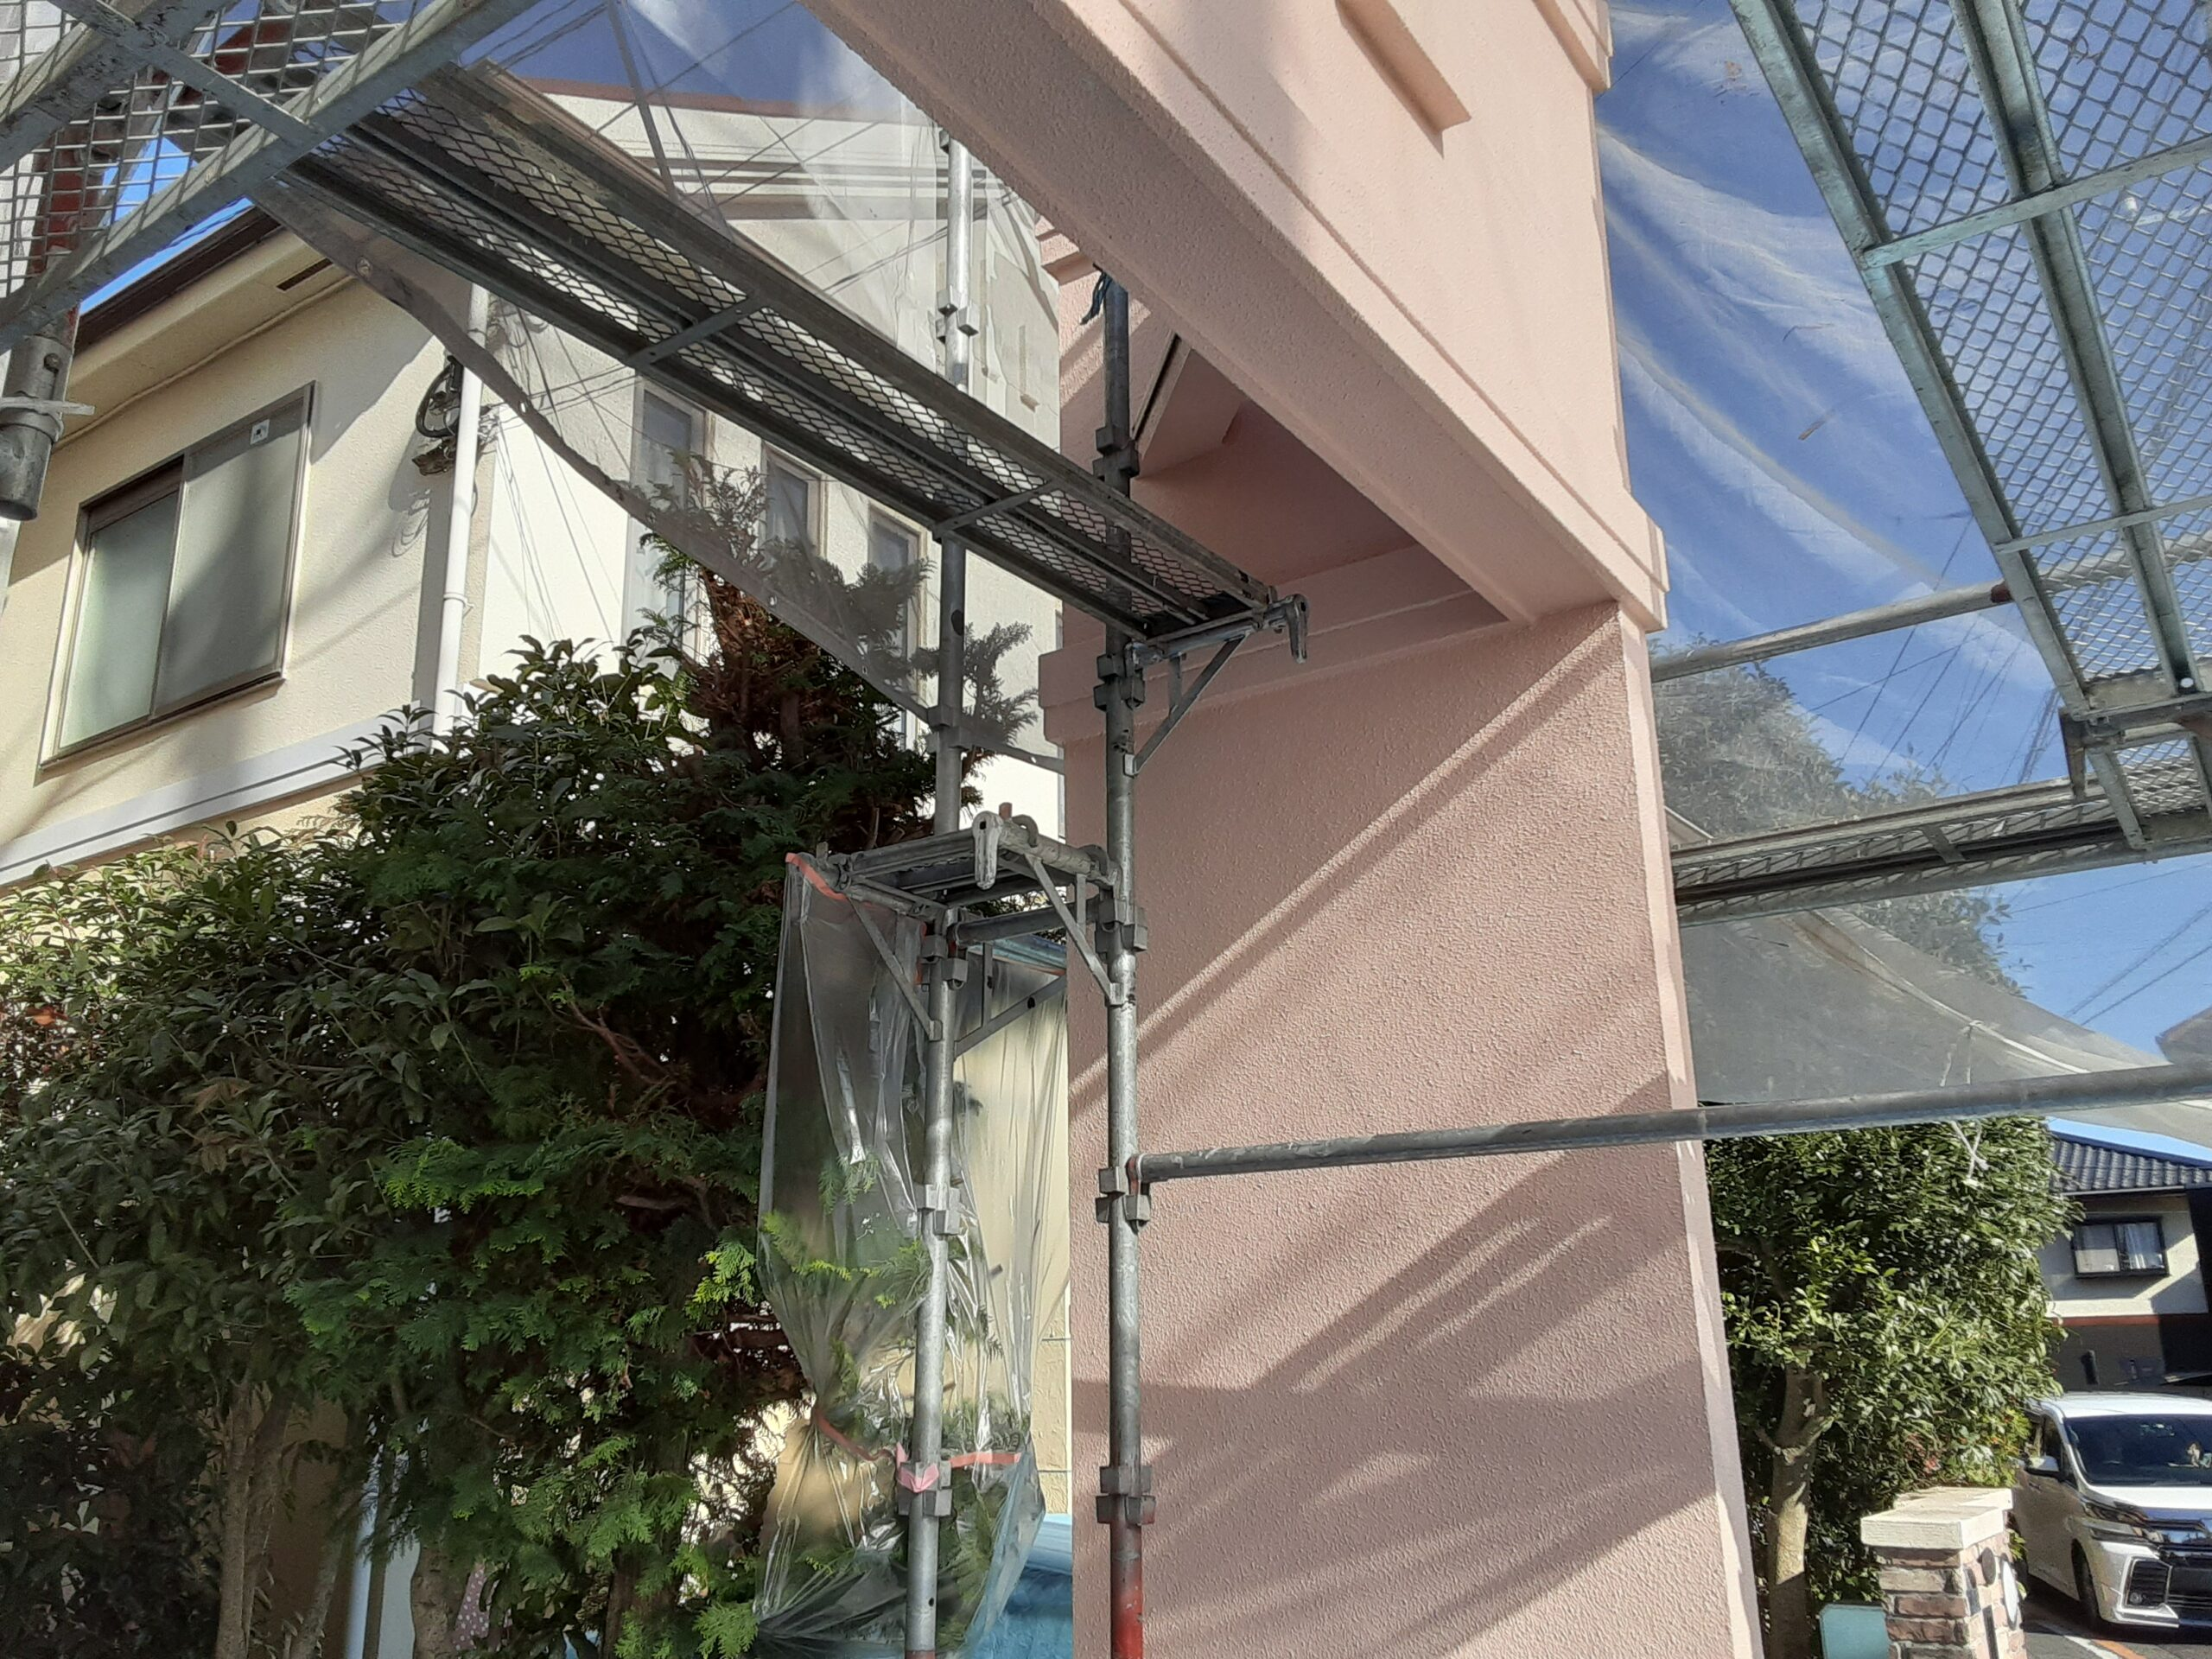 さいたま市大宮区のW様邸(木造2階建て)にて鉄部の塗装工事